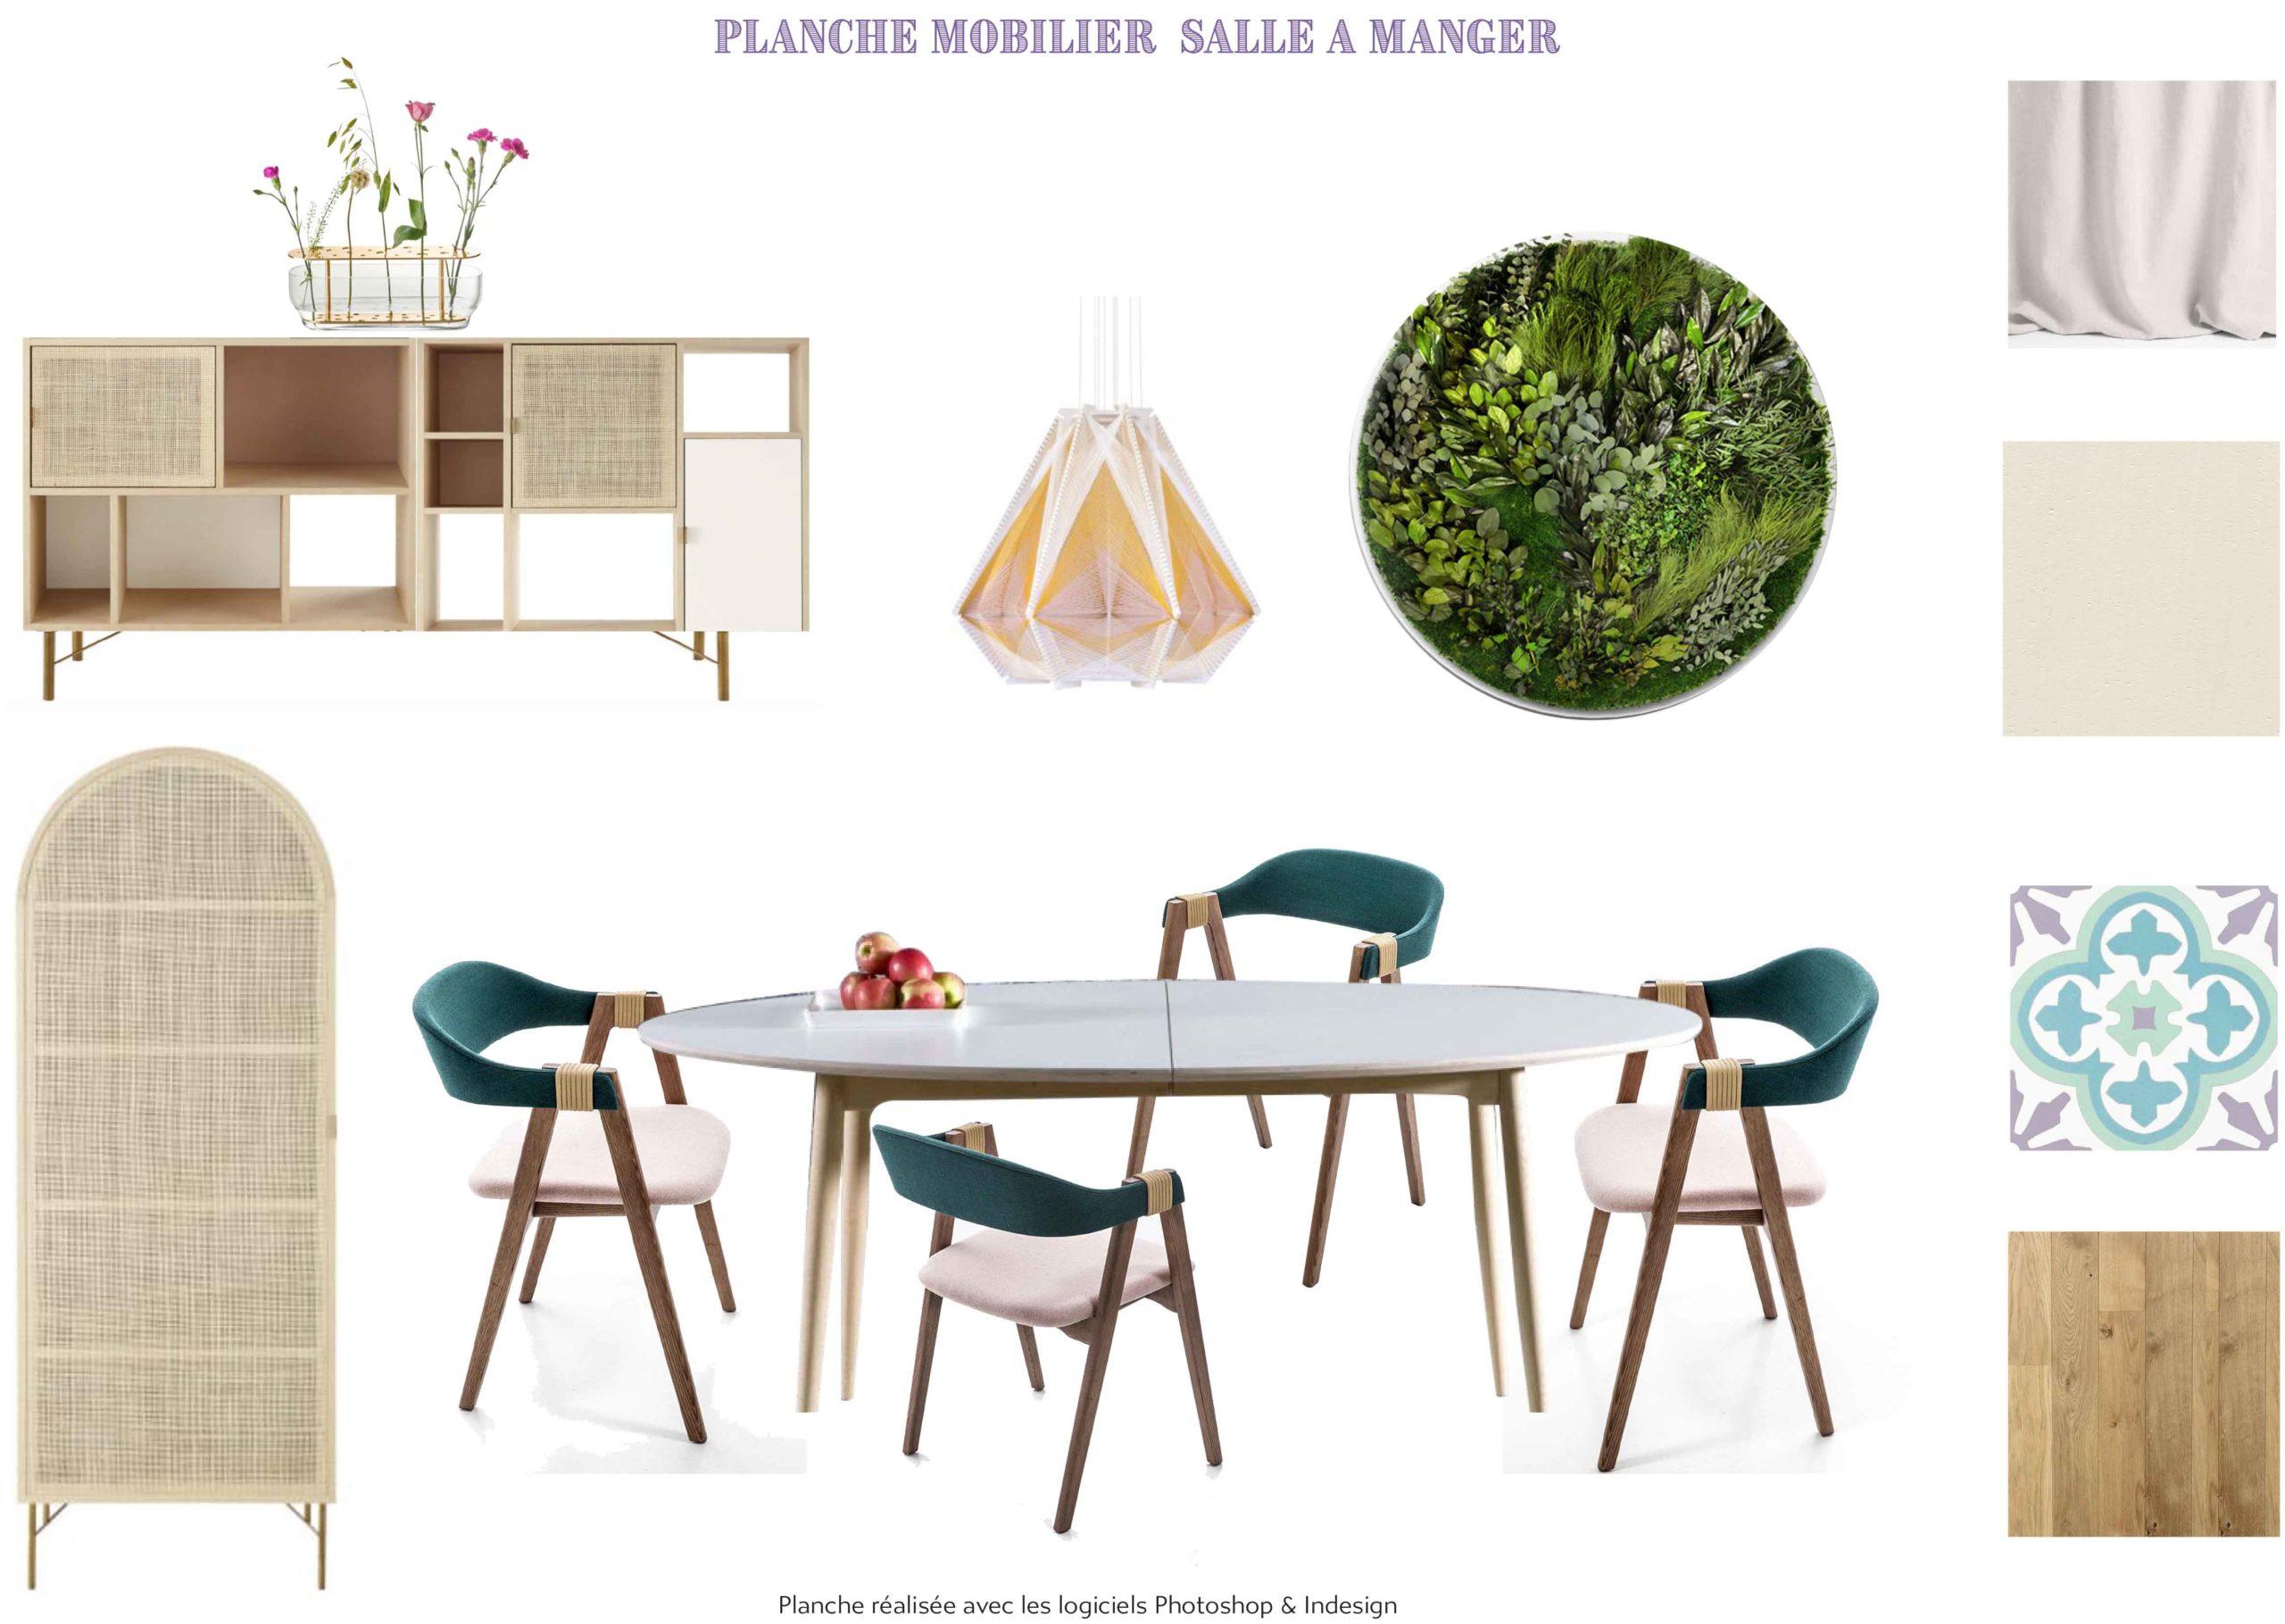 BOOK_planche mobilier salle à manger